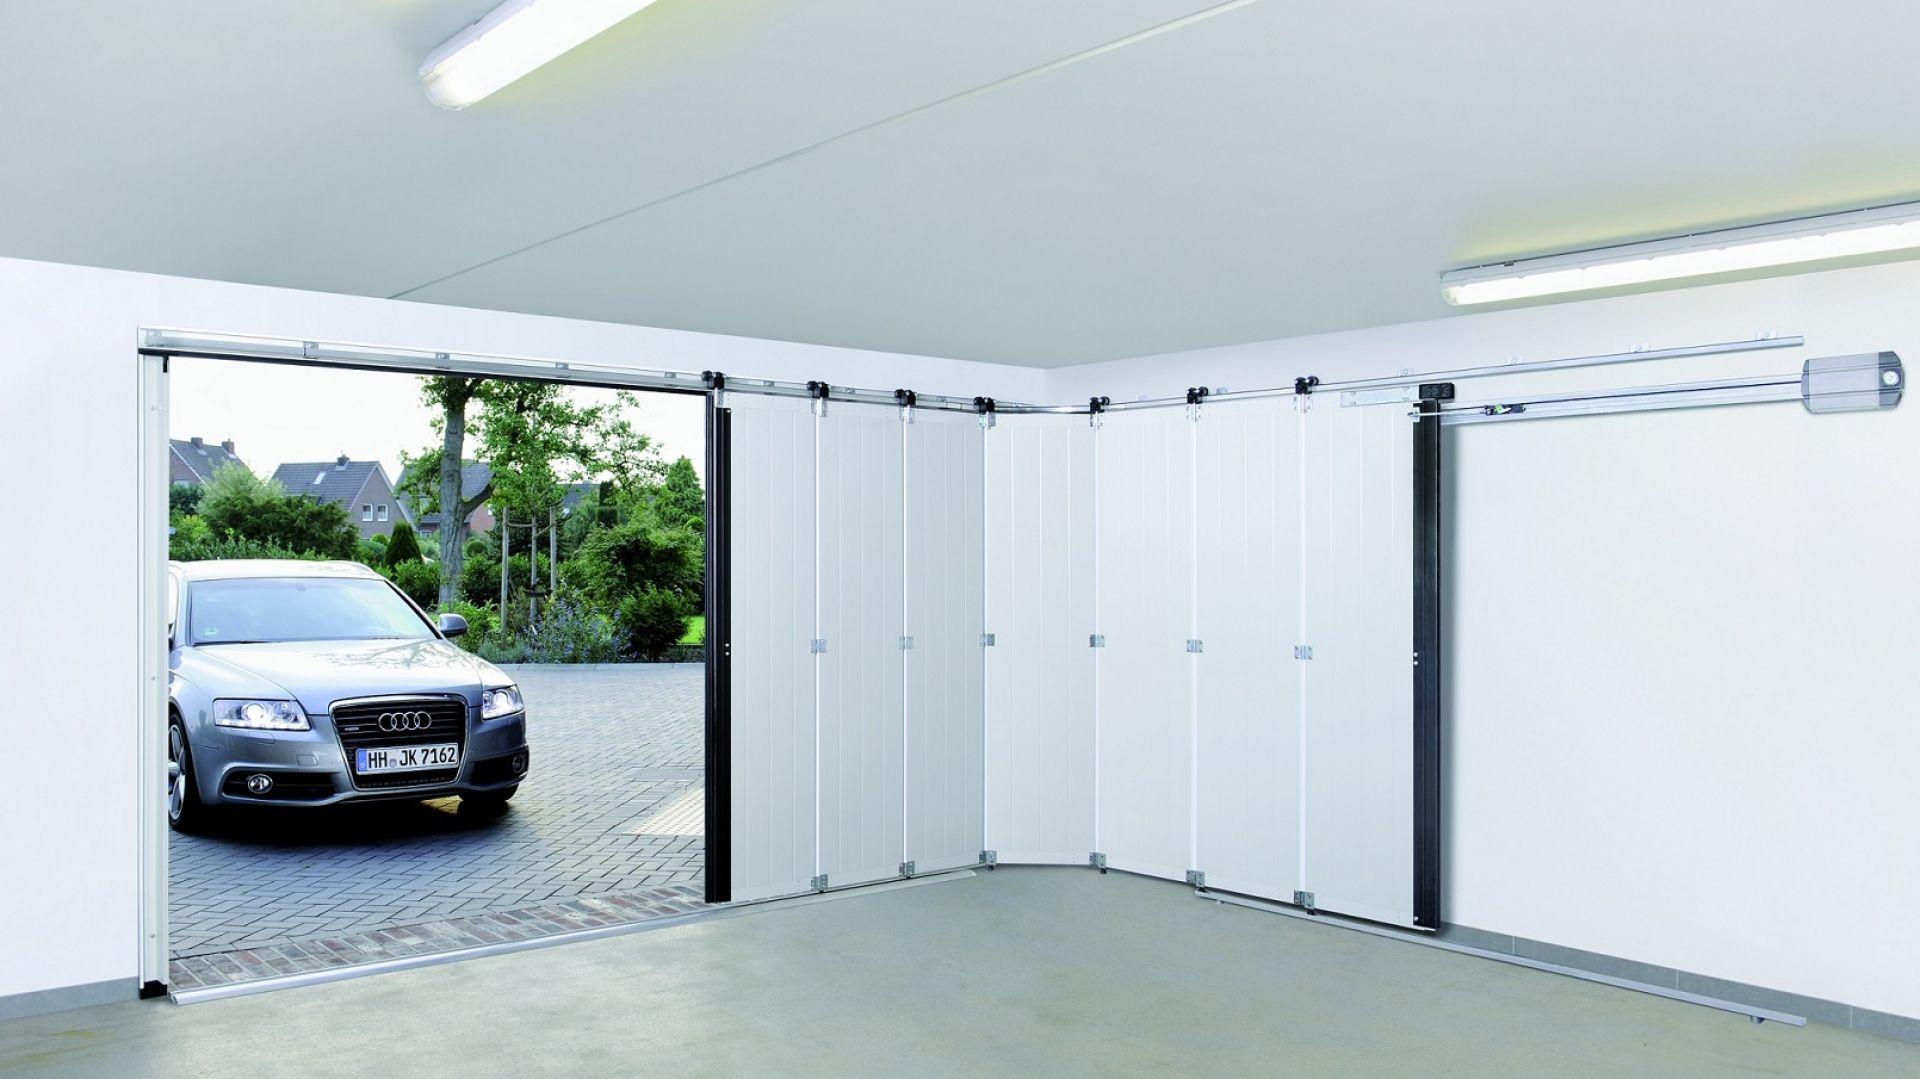 Urządzamy garaż - brama garażowa boczna HST. Brama otwiera się na bok i stanowi alternatywę dla zwykłej konstrukcji segmentowej w trudnych sytuacjach montażowych. Bardzo dobrze sprawdza się, gdy chcemy zachować wolne miejsce pod sufitem, a także w garażach o niskim nadprożu. Fot. Hörmann